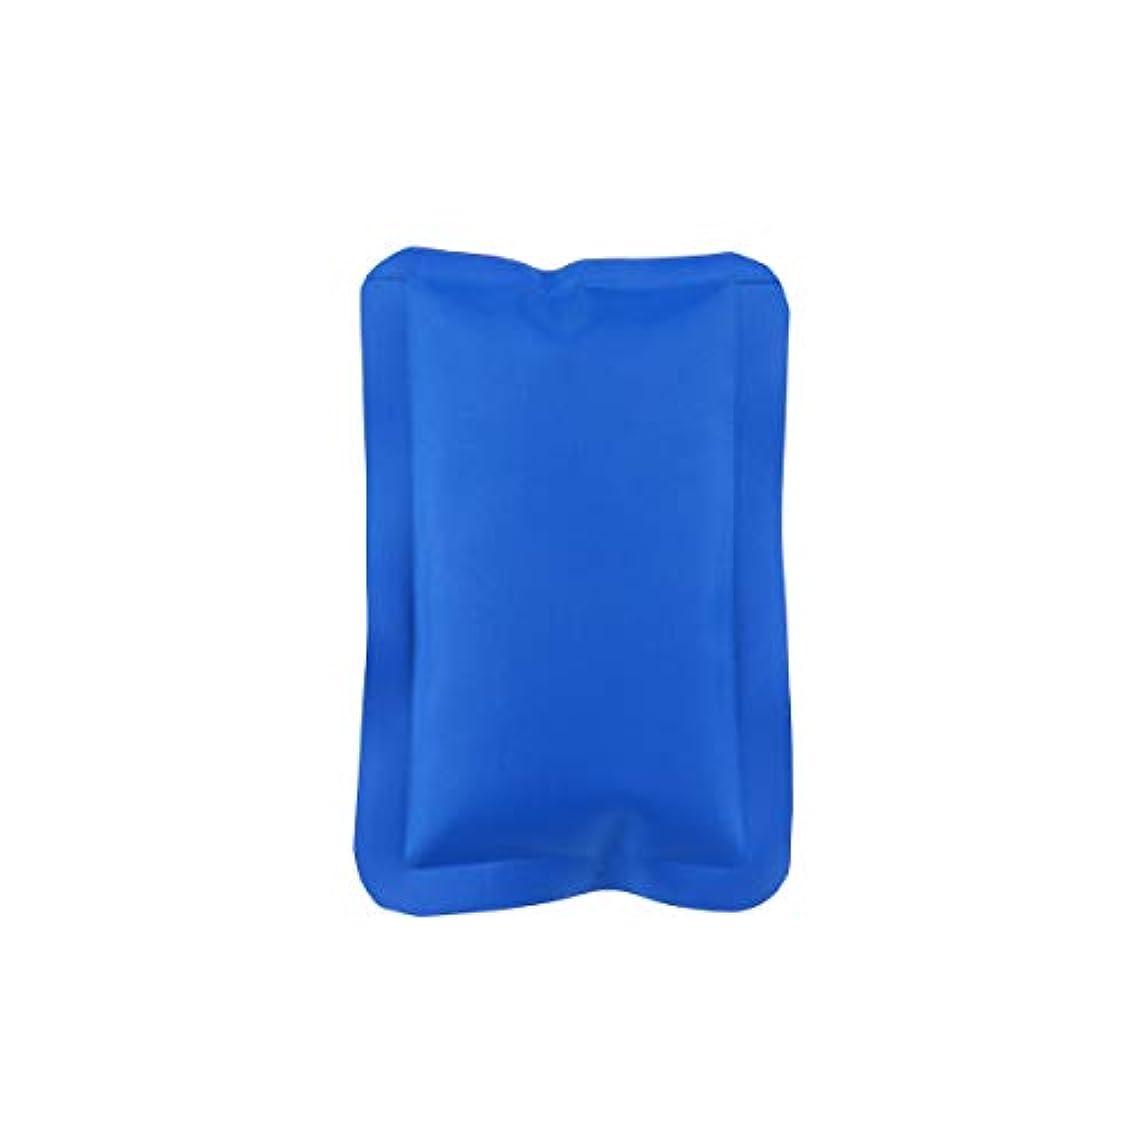 余剰天気地下鉄HEALLILY 150ML再利用可能なホット&コールドジェルパック(コンプレッションラップスポーツ傷害)ジェルアイスパック多目的ヒートパック(マッスルリリーフ用、16x10x1cm、ブルー)